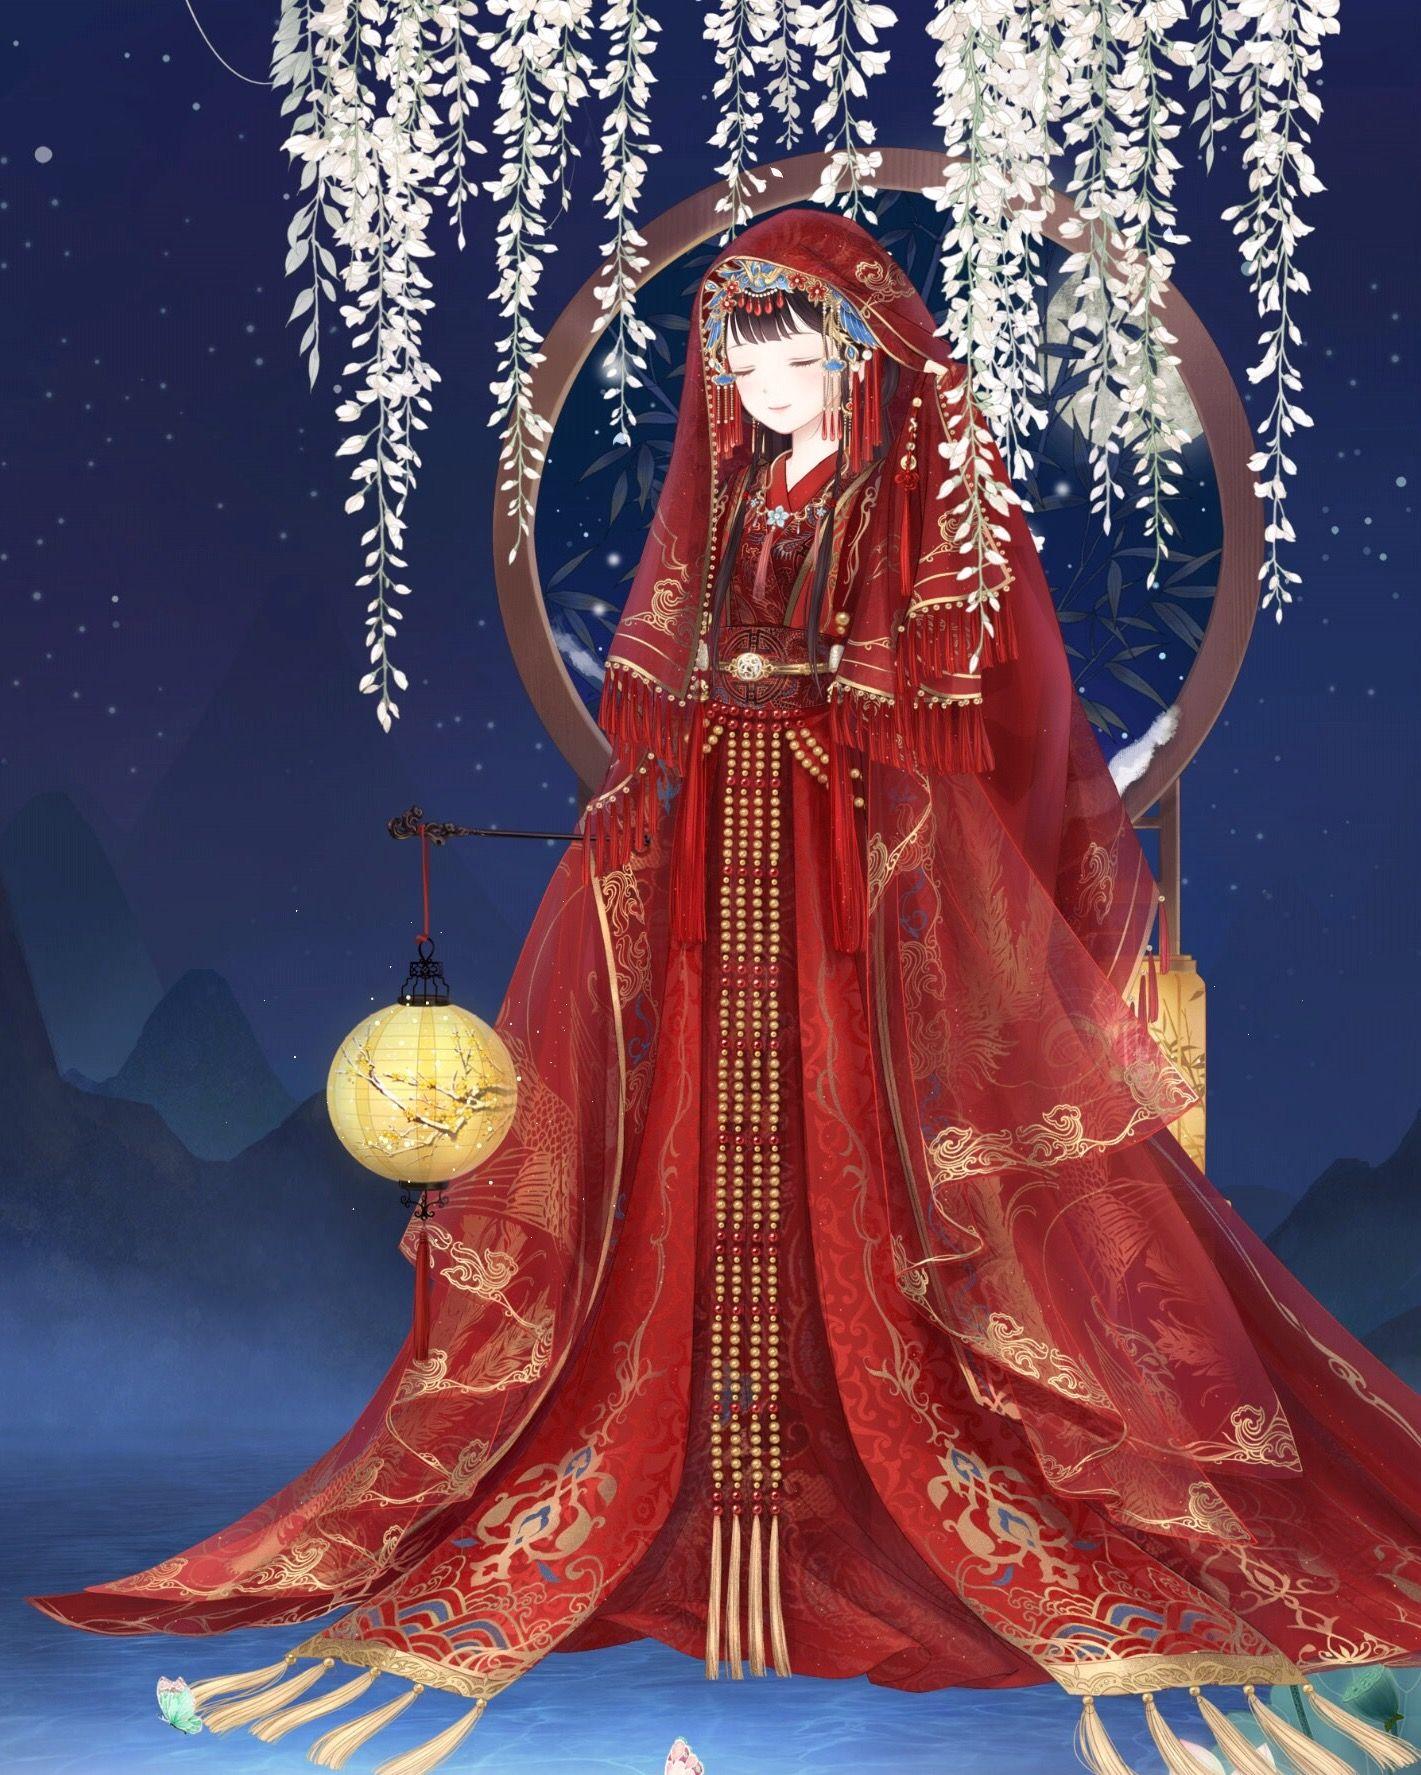 Chinese Wedding Dress Theme (Có Hình ảnh)